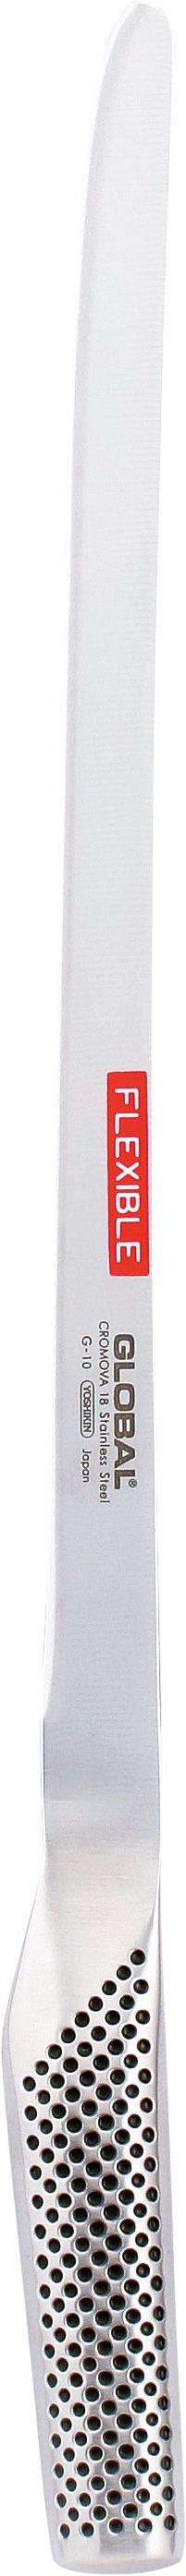 GLOBAL G-10 Lachs-Schinkenmesser